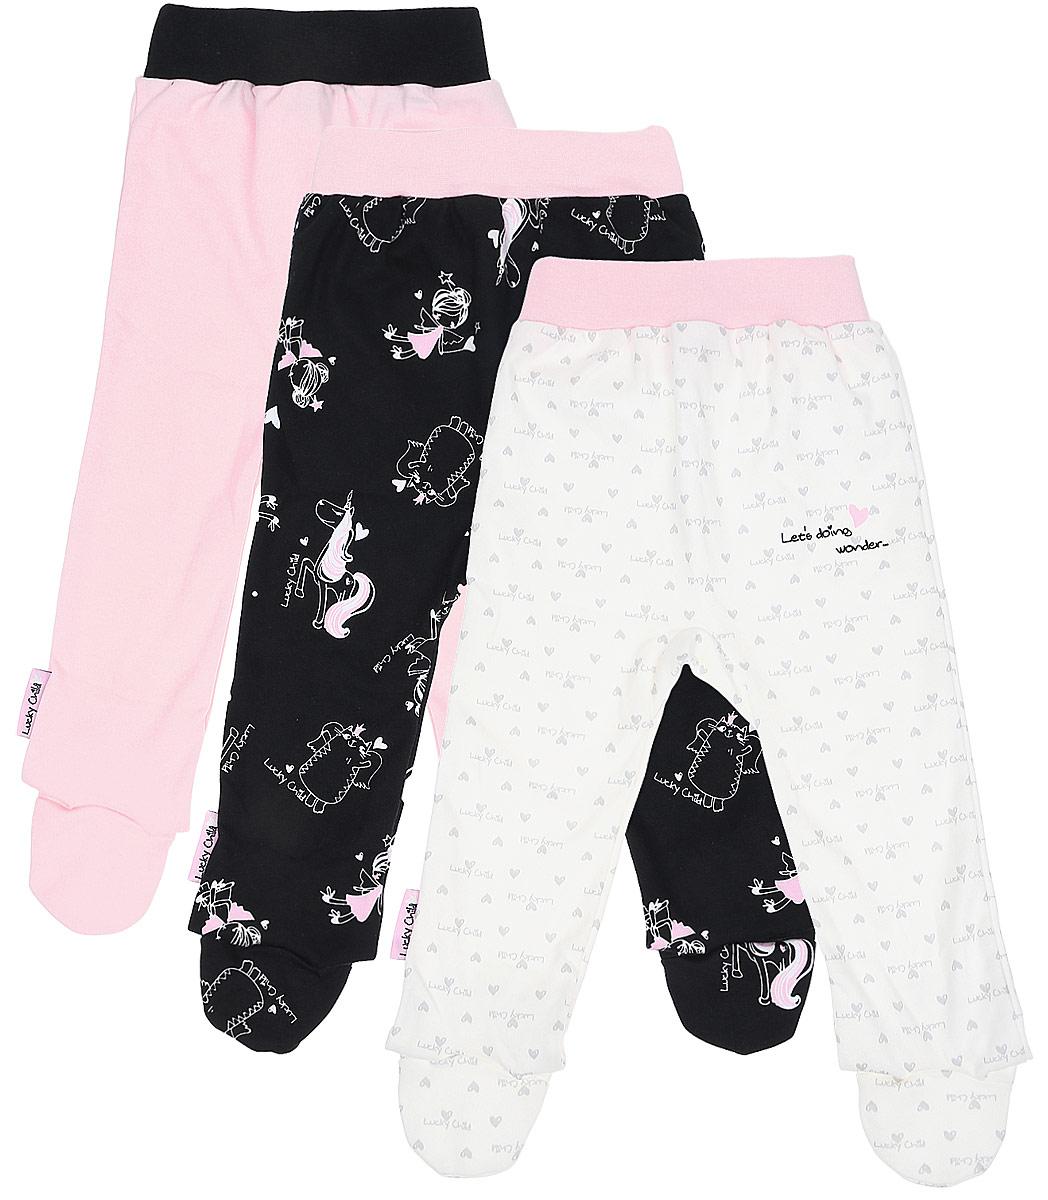 Ползунки детские Lucky Child, цвет: розовый, молочный, черный, 3шт. 30-194/цв. Размер 80/86 ползунки lucky child ползунки крабики а5 104